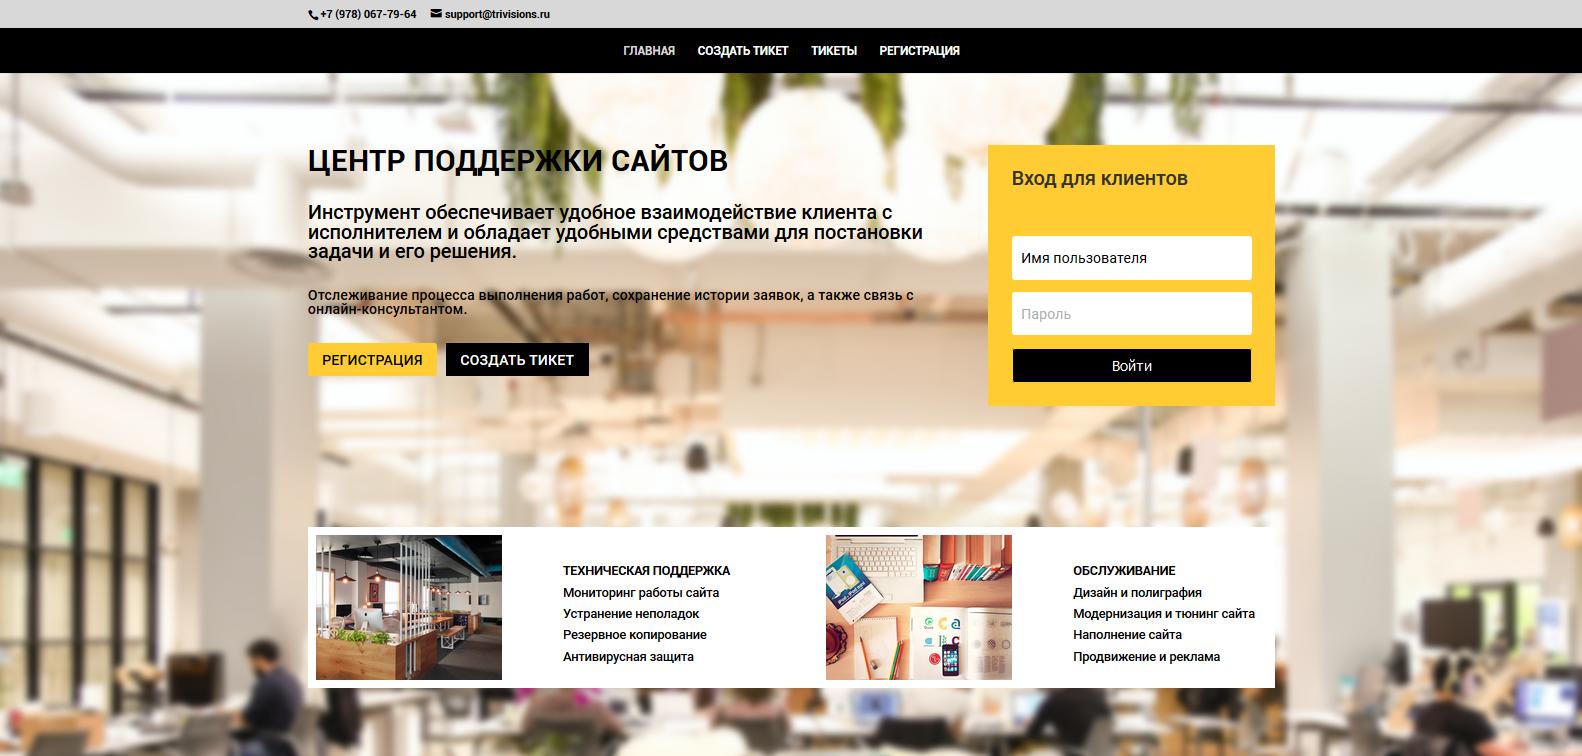 Корпоративный сайт: Центр поддержки сайтов Trivisions